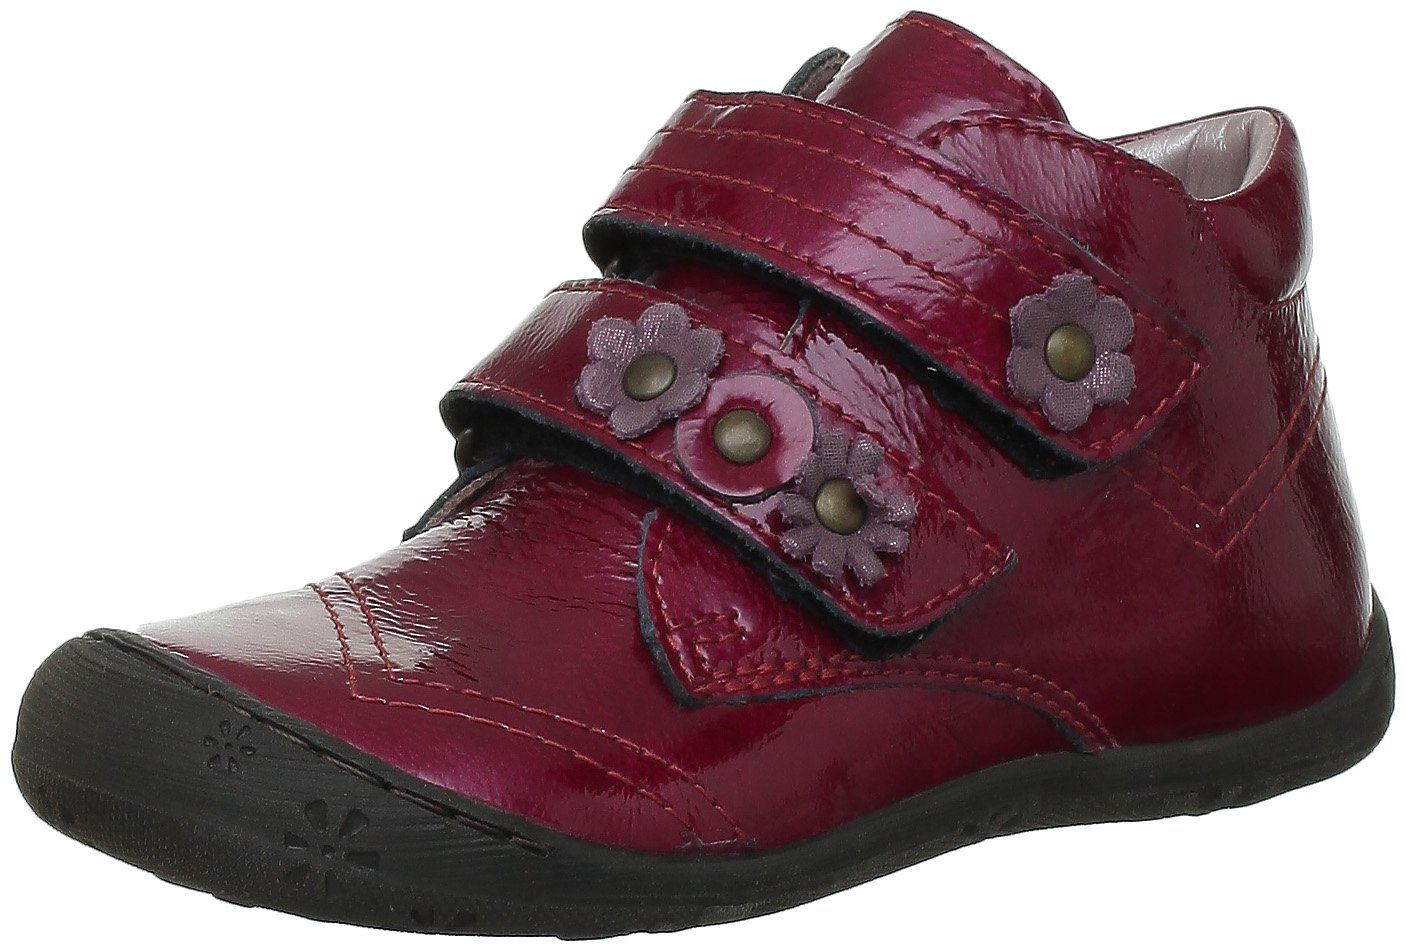 Aster Julias,Red Patent,20 EU(4 M US Toddler)